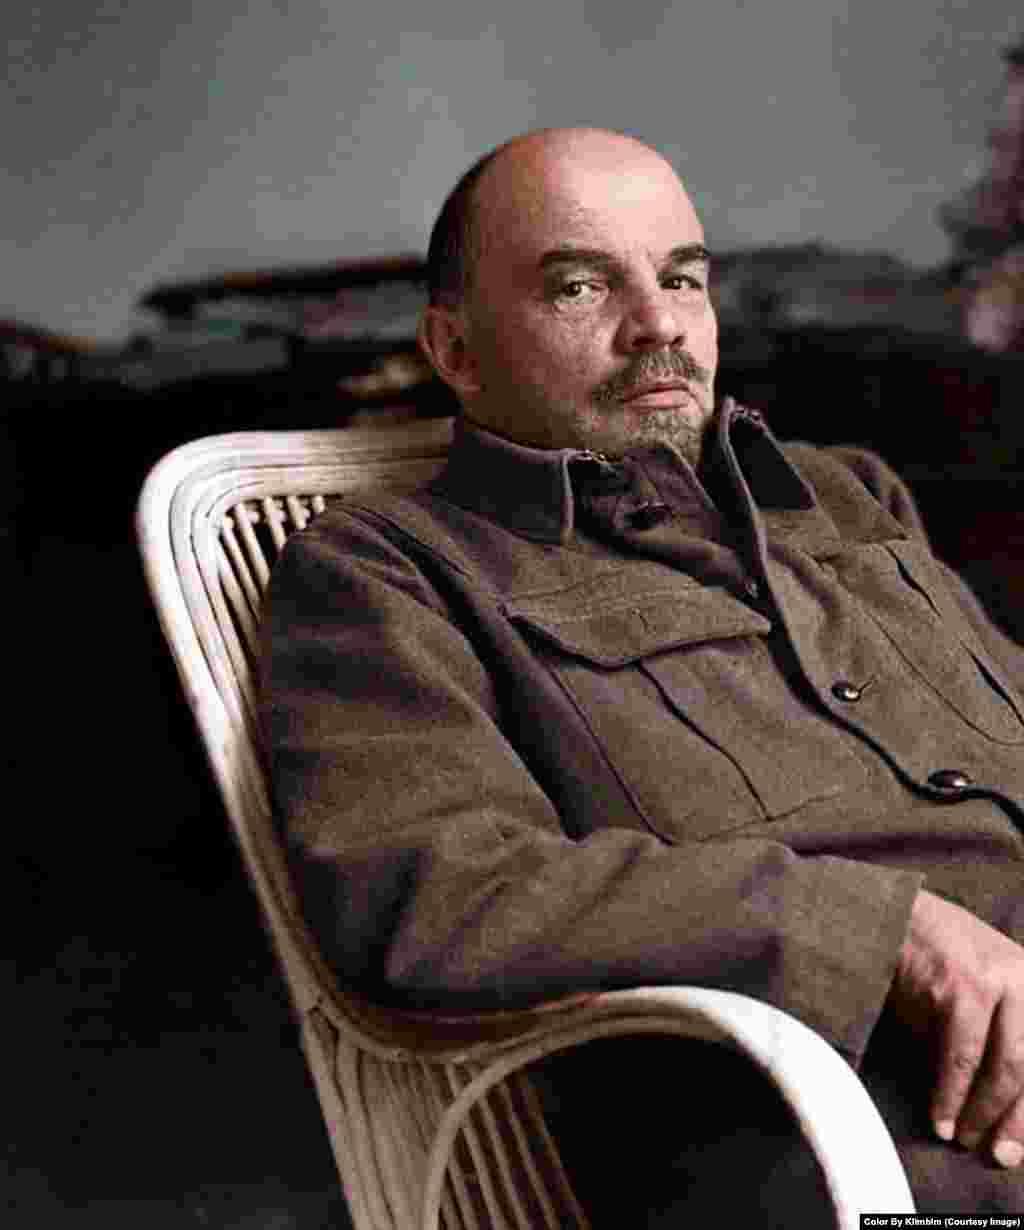 Глядя на эту фотографию, можно даже услышать скрип плетеного кресла, в котором сидит Ленин